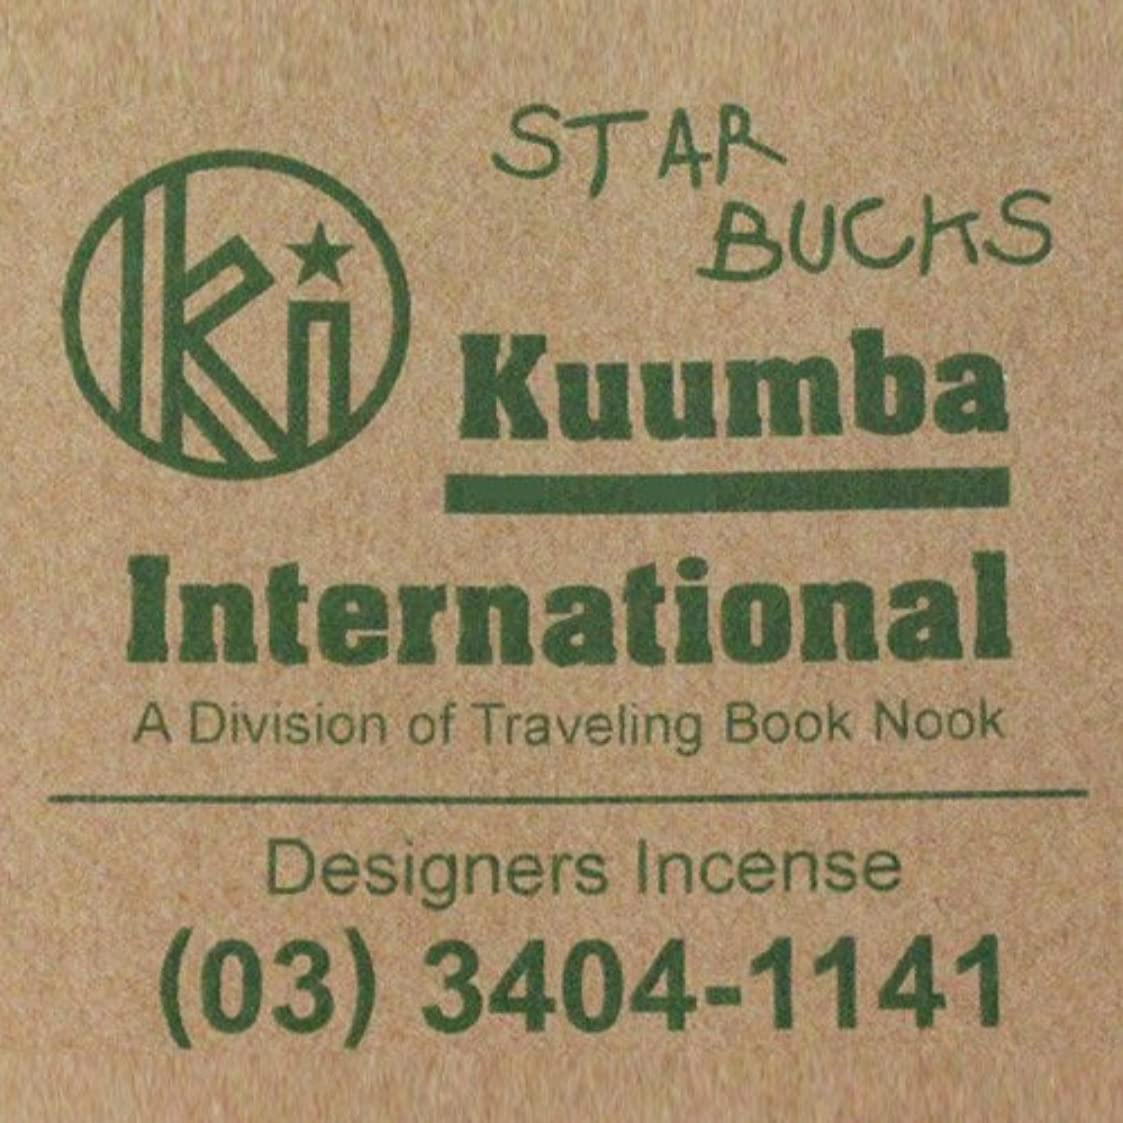 発見する物理的な差KUUMBA (クンバ)『incense』(STAR BUCKS) (Regular size)